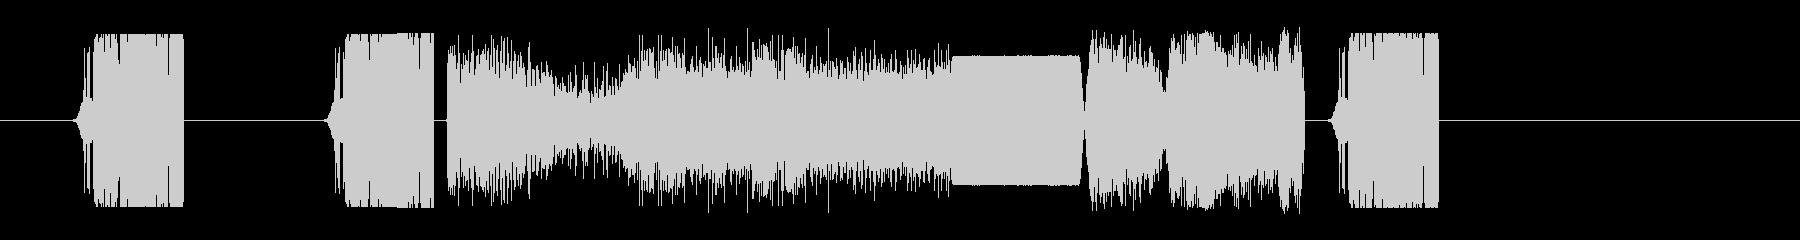 FMジングル風 効果音 シンセの未再生の波形